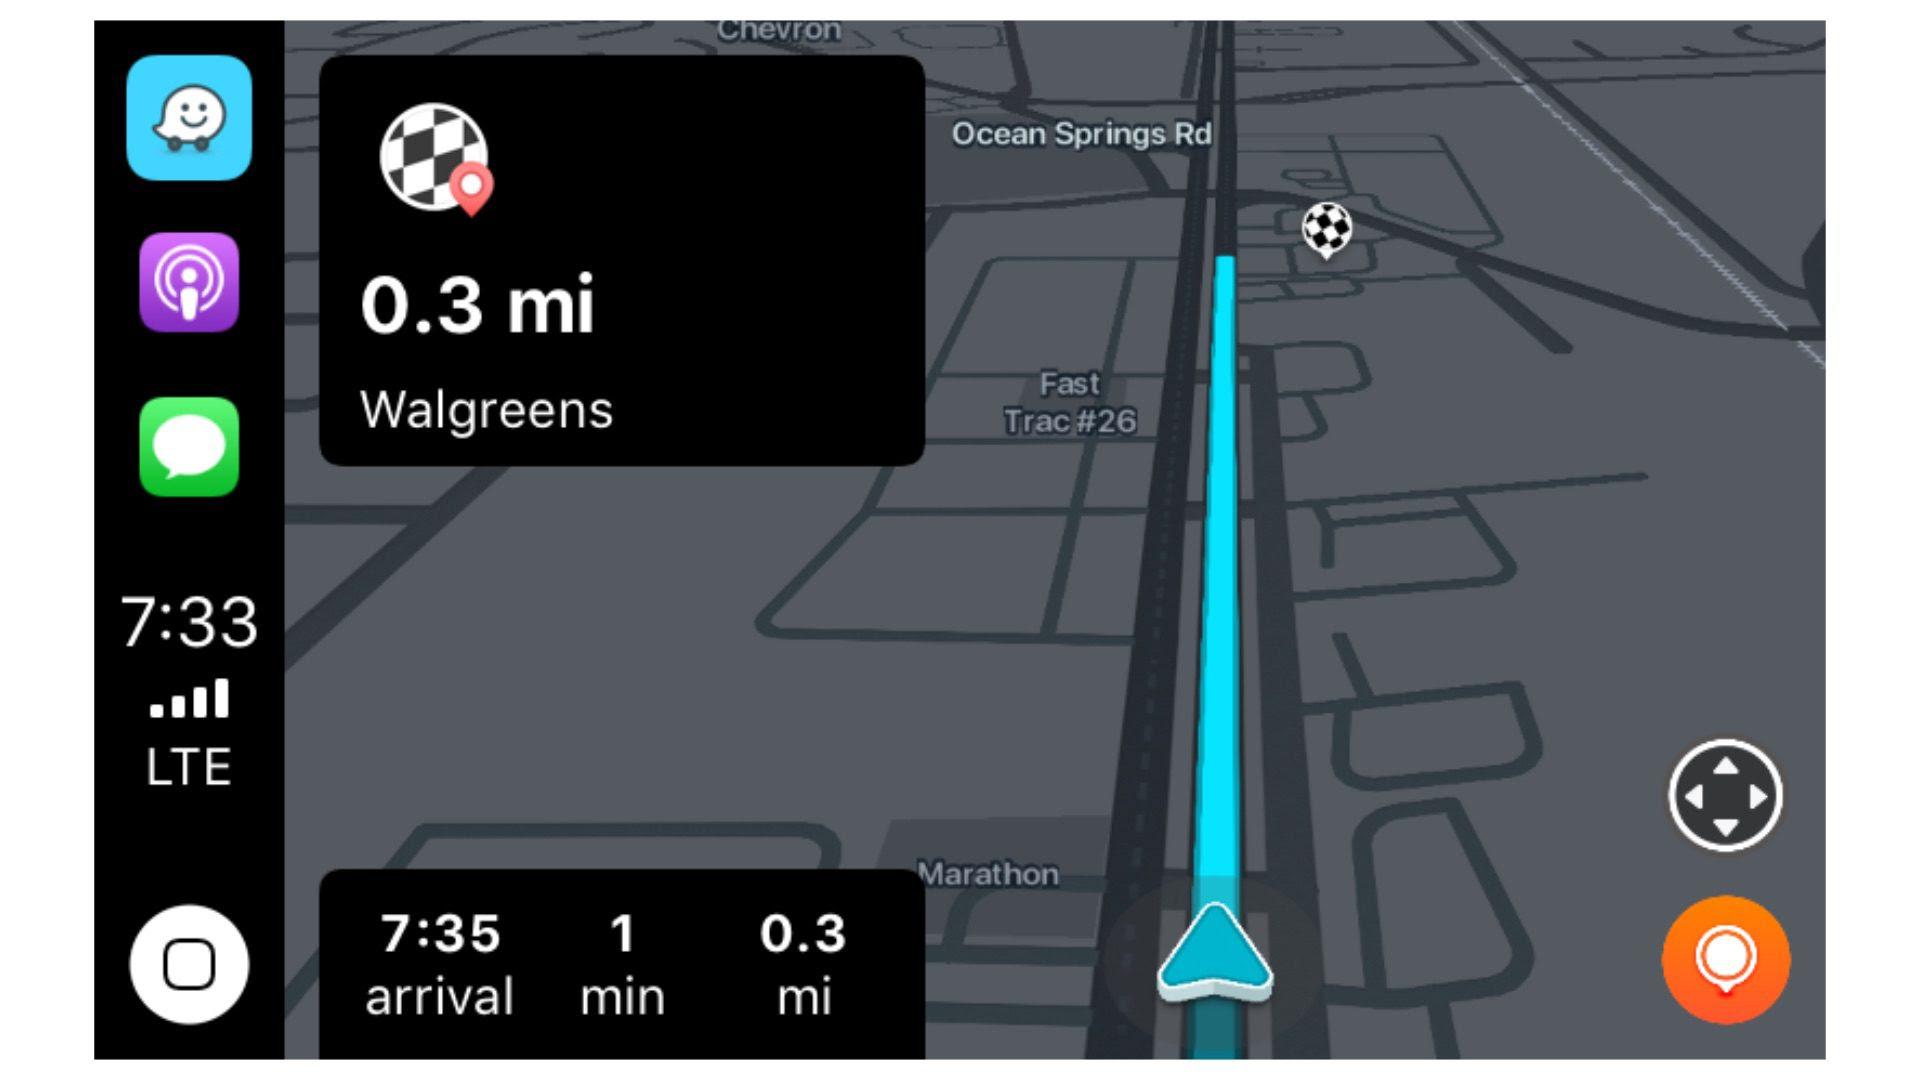 Carplay Navigatie Deze Navigatie Apps Gebruik Je In Carplay